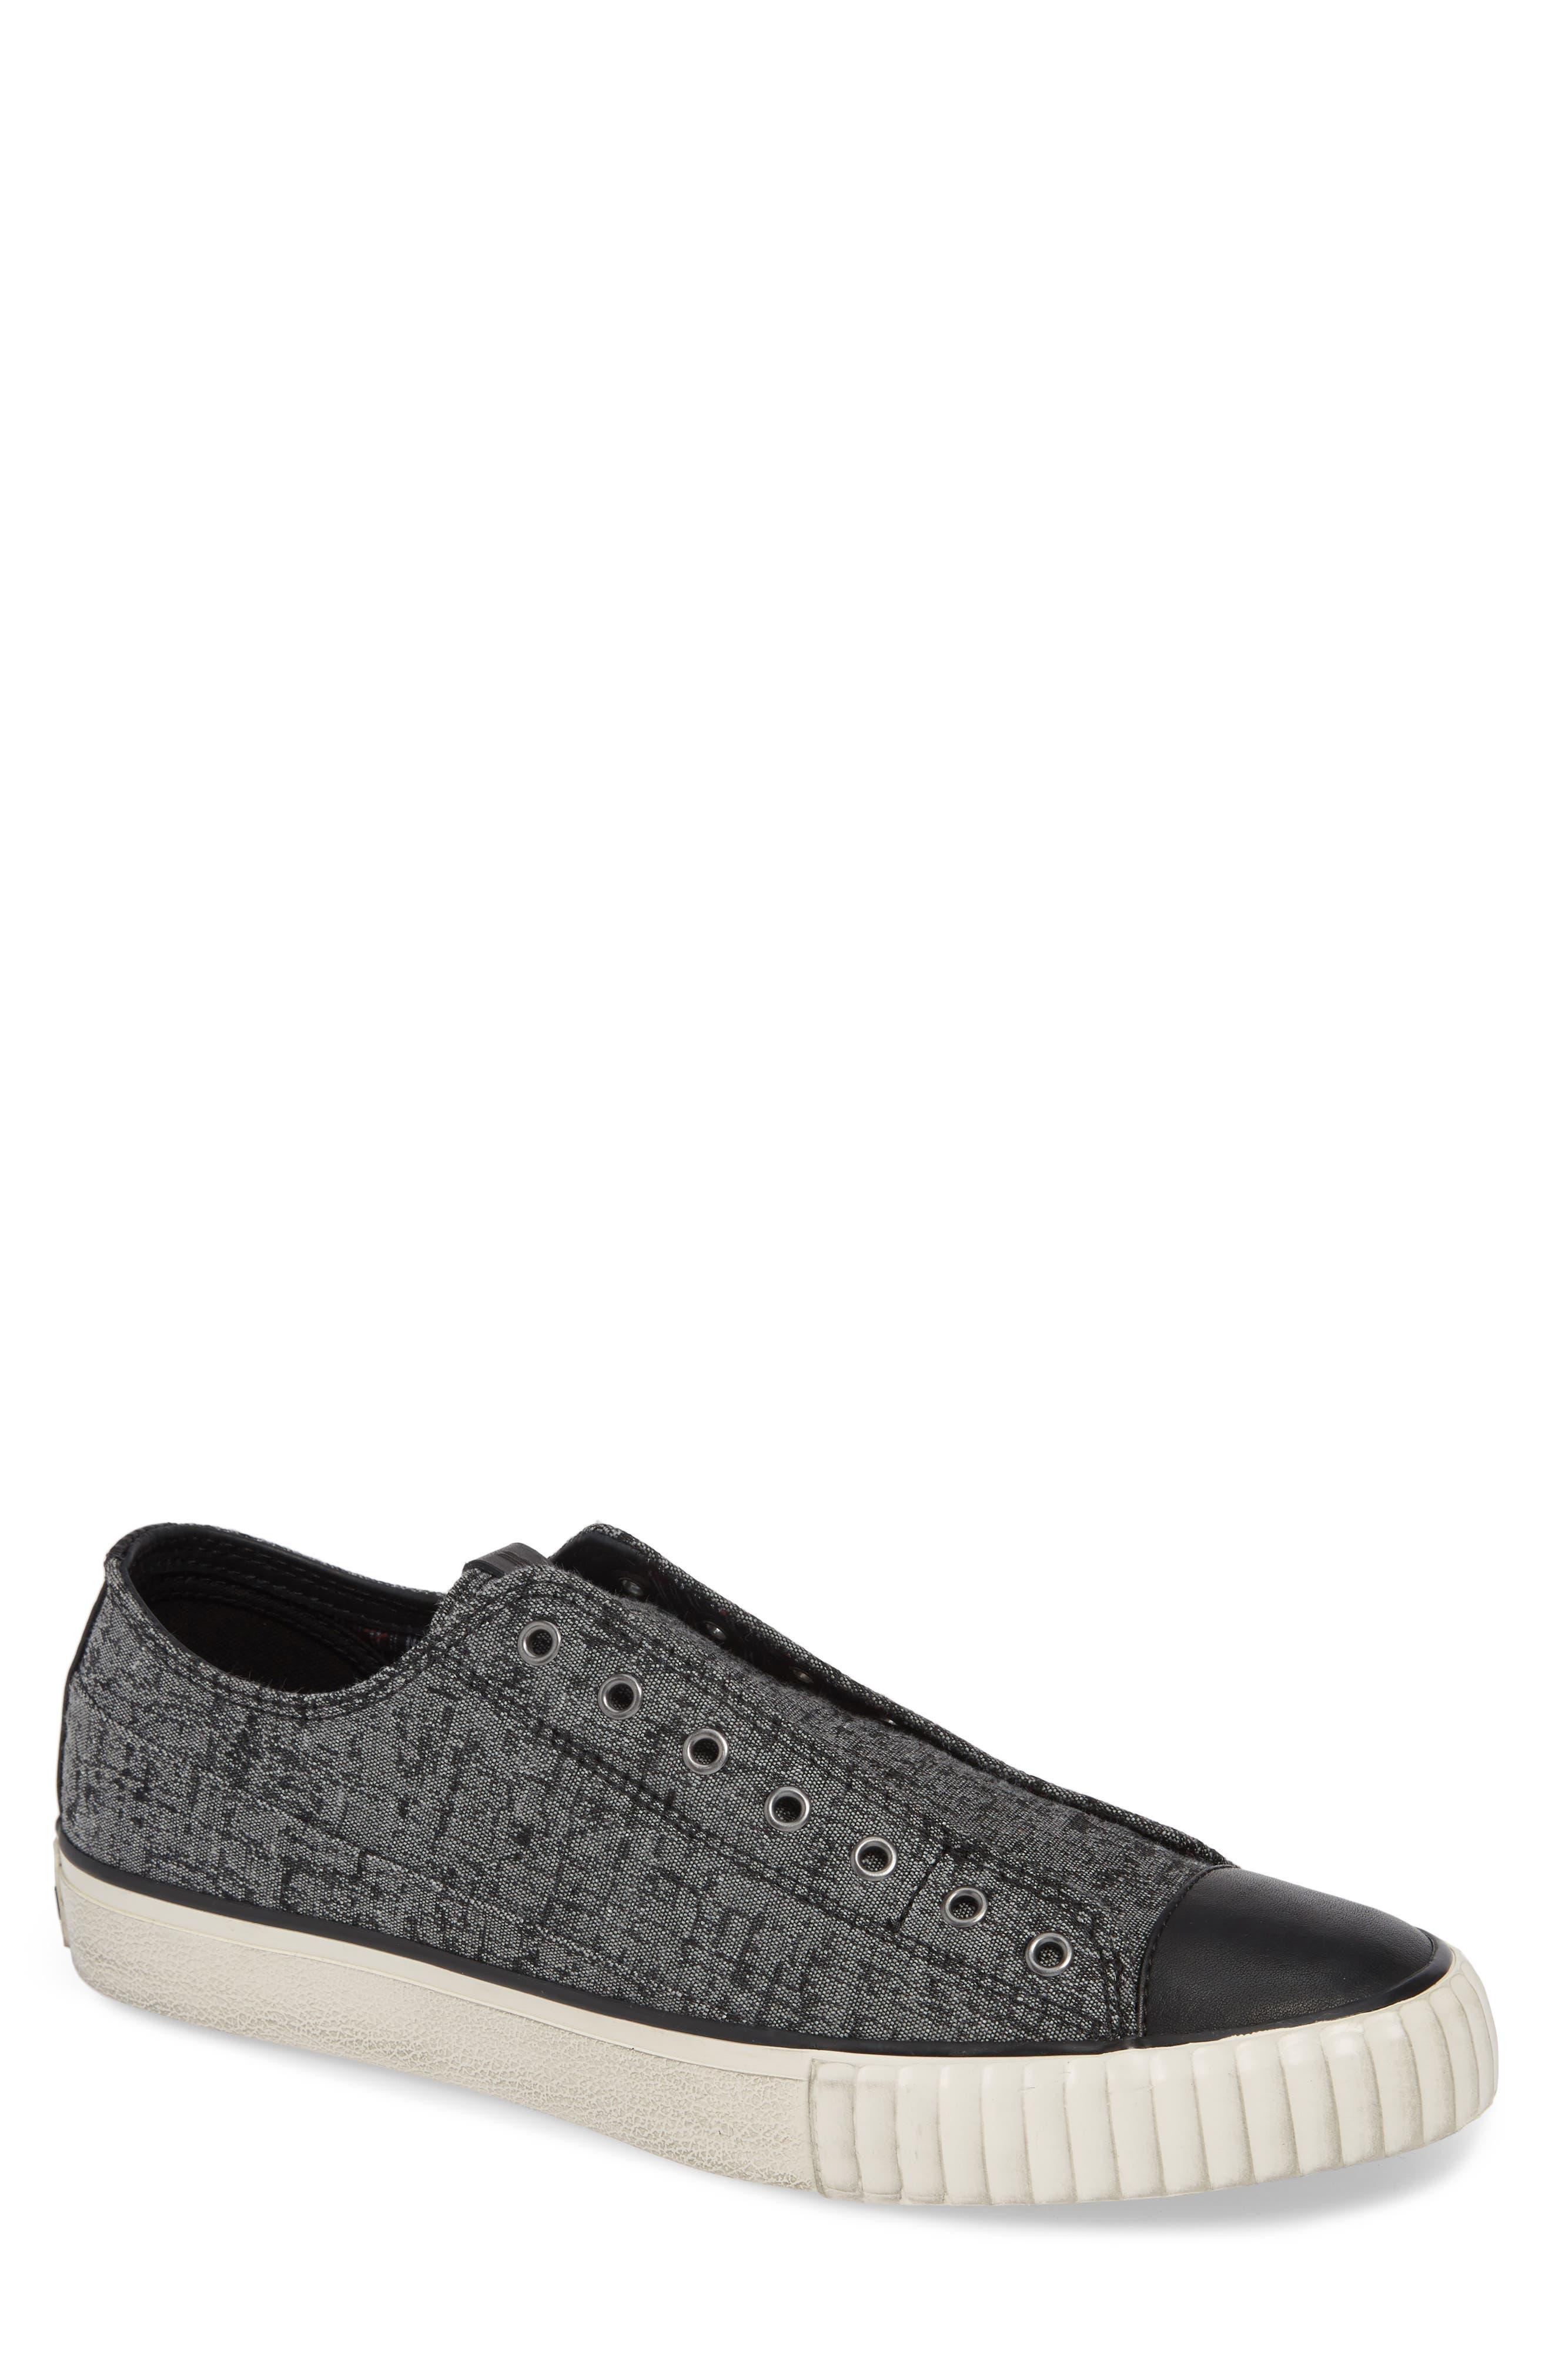 John Varvatos Star Usa Bootleg Laceless Sneaker- Grey